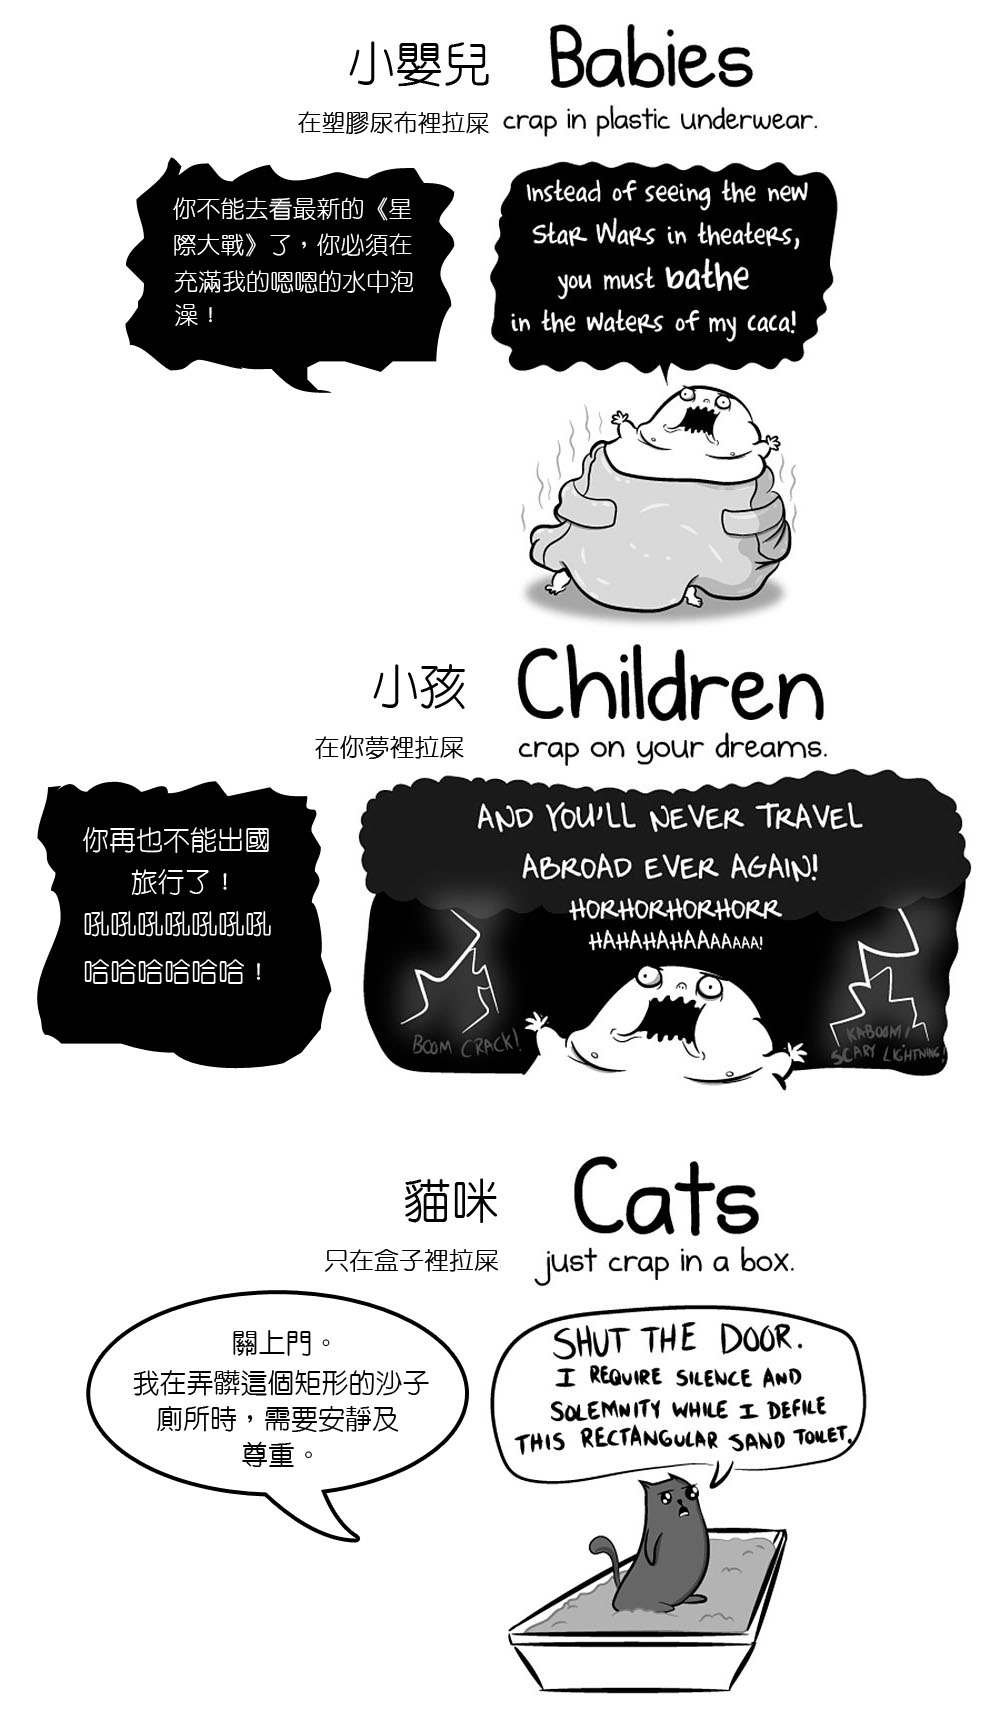 這位漫畫家將「養小孩vs養貓」畫成超諷刺爆笑作品,讓我發現到養貓明顯比較好ㄟ!